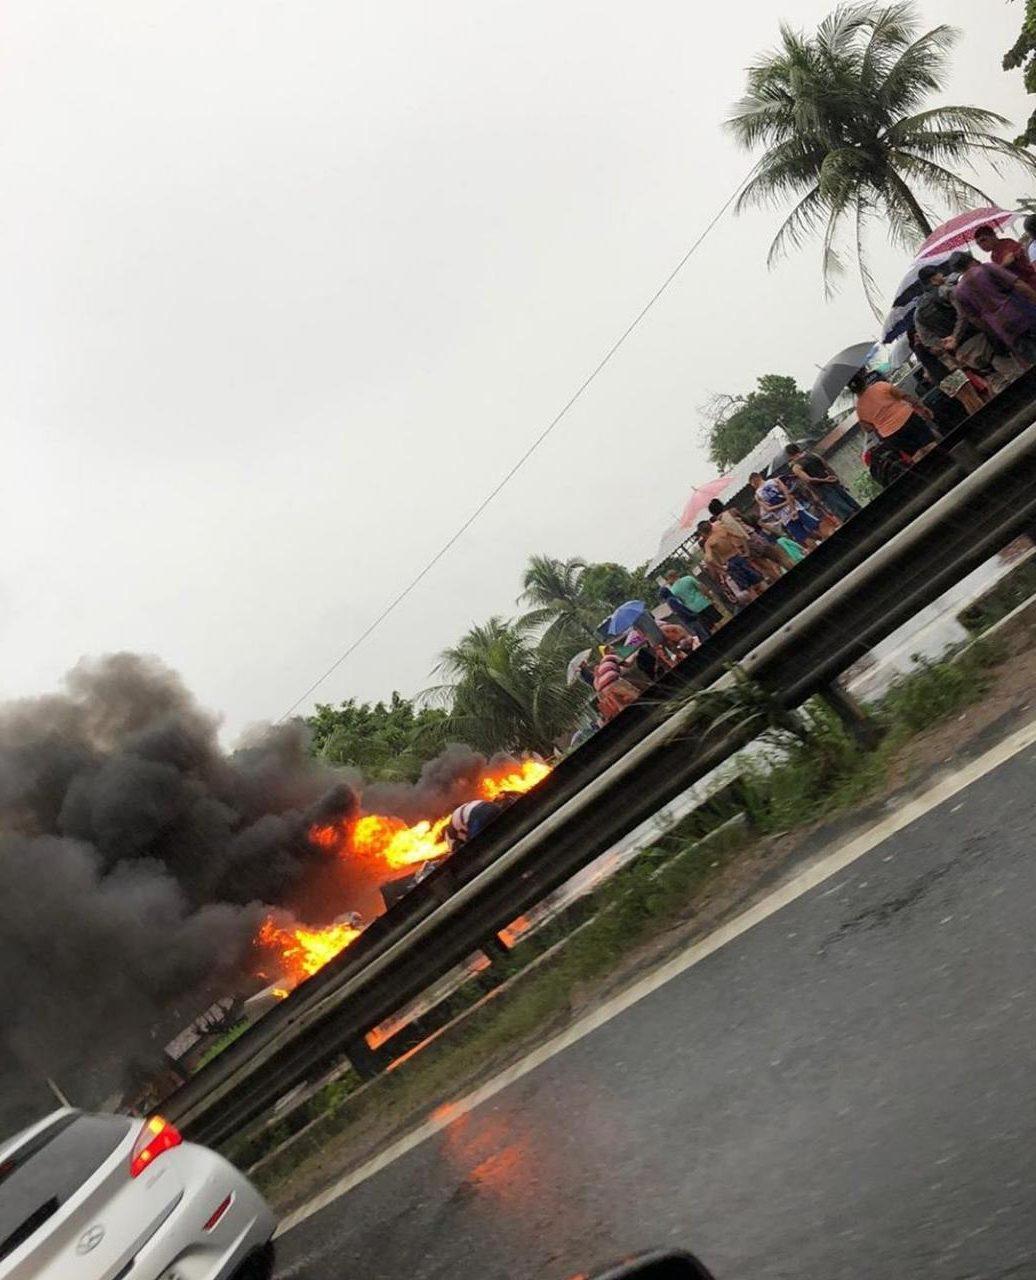 WhatsApp Image 2019 06 13 at 15.41.59 e1560452623568 - COM CASAS ALAGADAS: moradores de Cabedelo culpam obra do DNIT e fecham BR em protesto